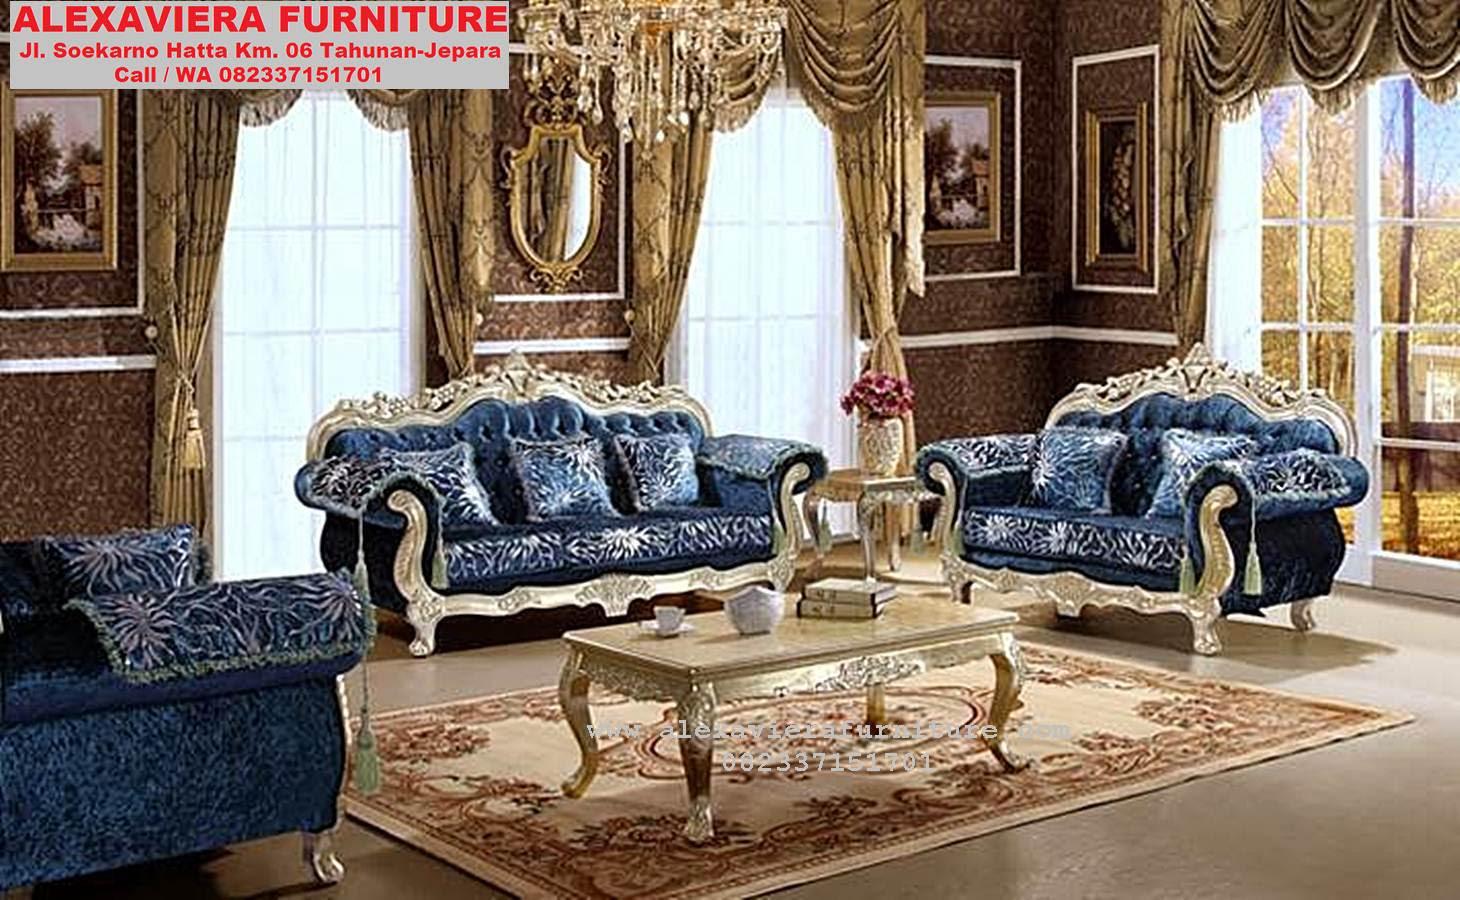 4400 Koleksi Desain Kursi Ruang Tunggu Terbaik